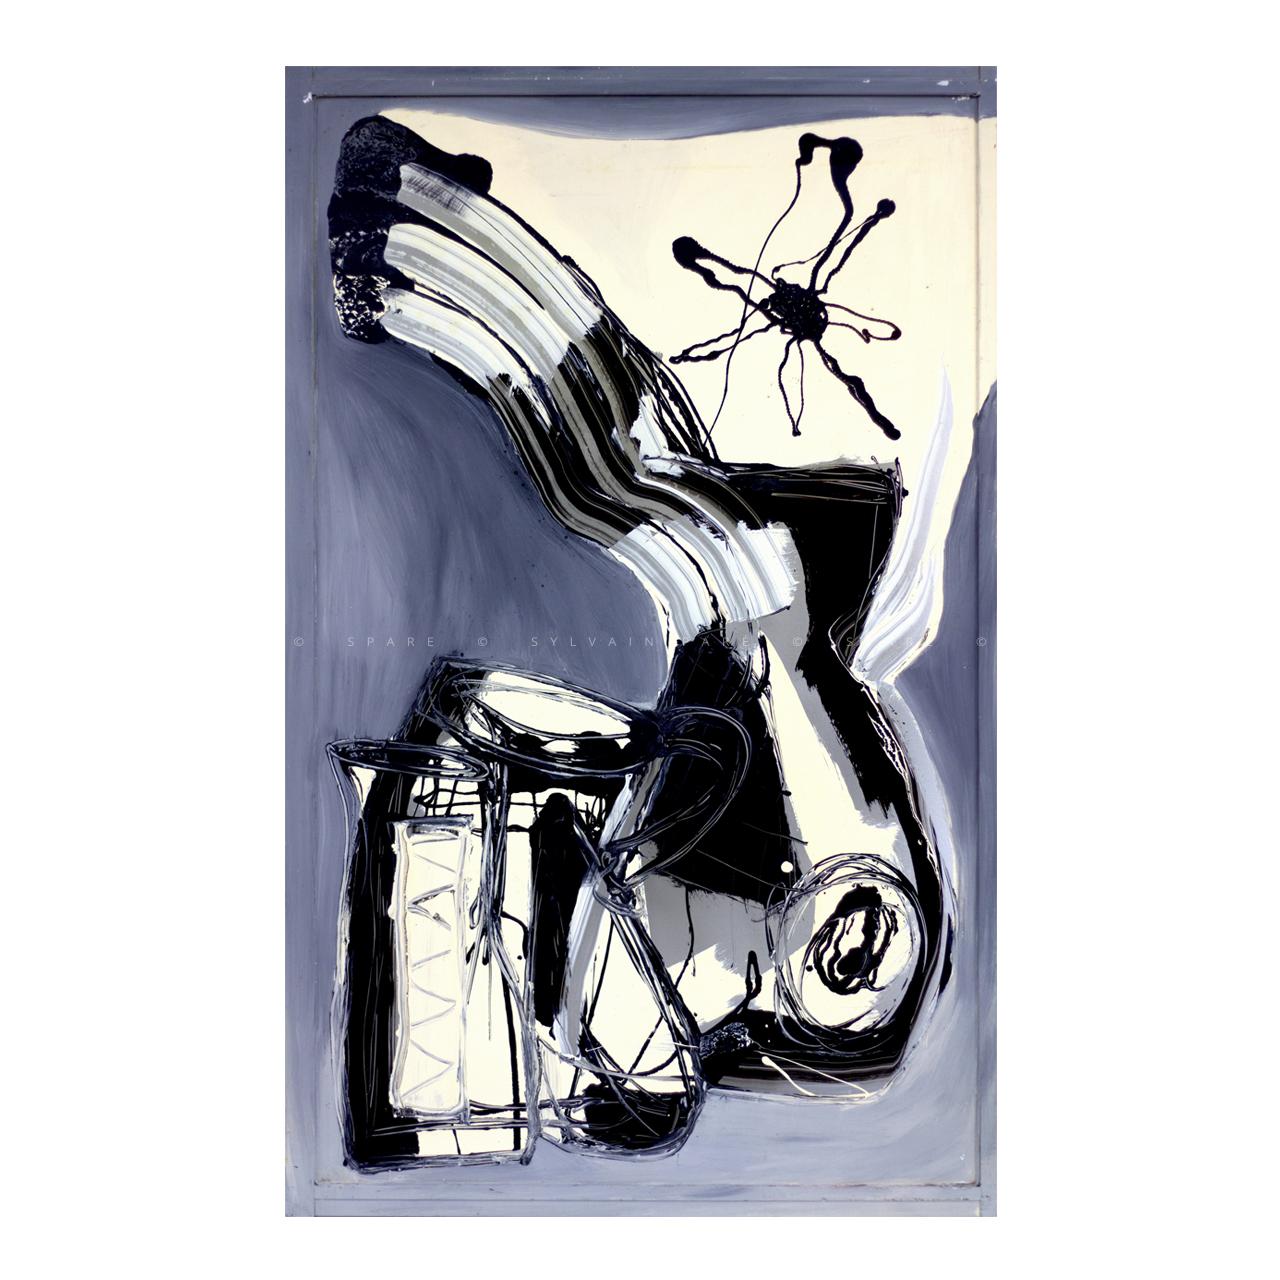 sylvain-pare-spare-artwork-1280x1280_IMG_0275.jpg